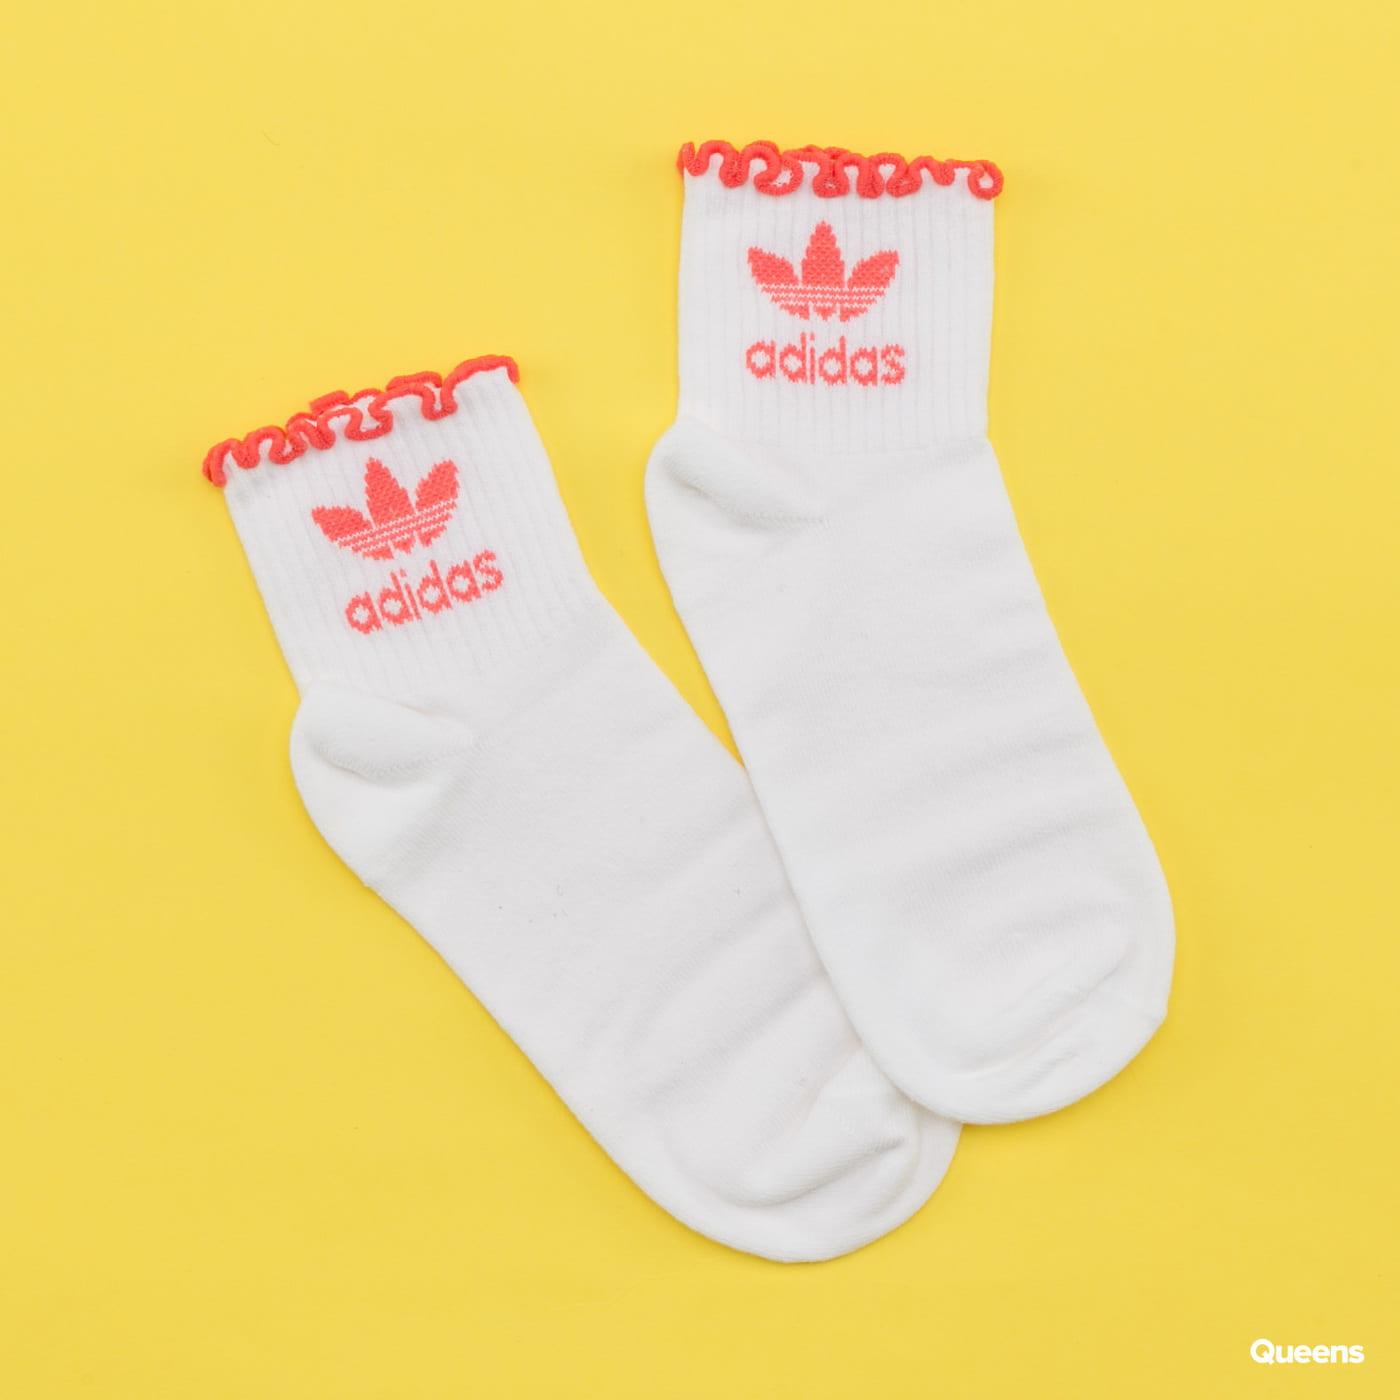 adidas Originals Ruffle Sock white / dark pink